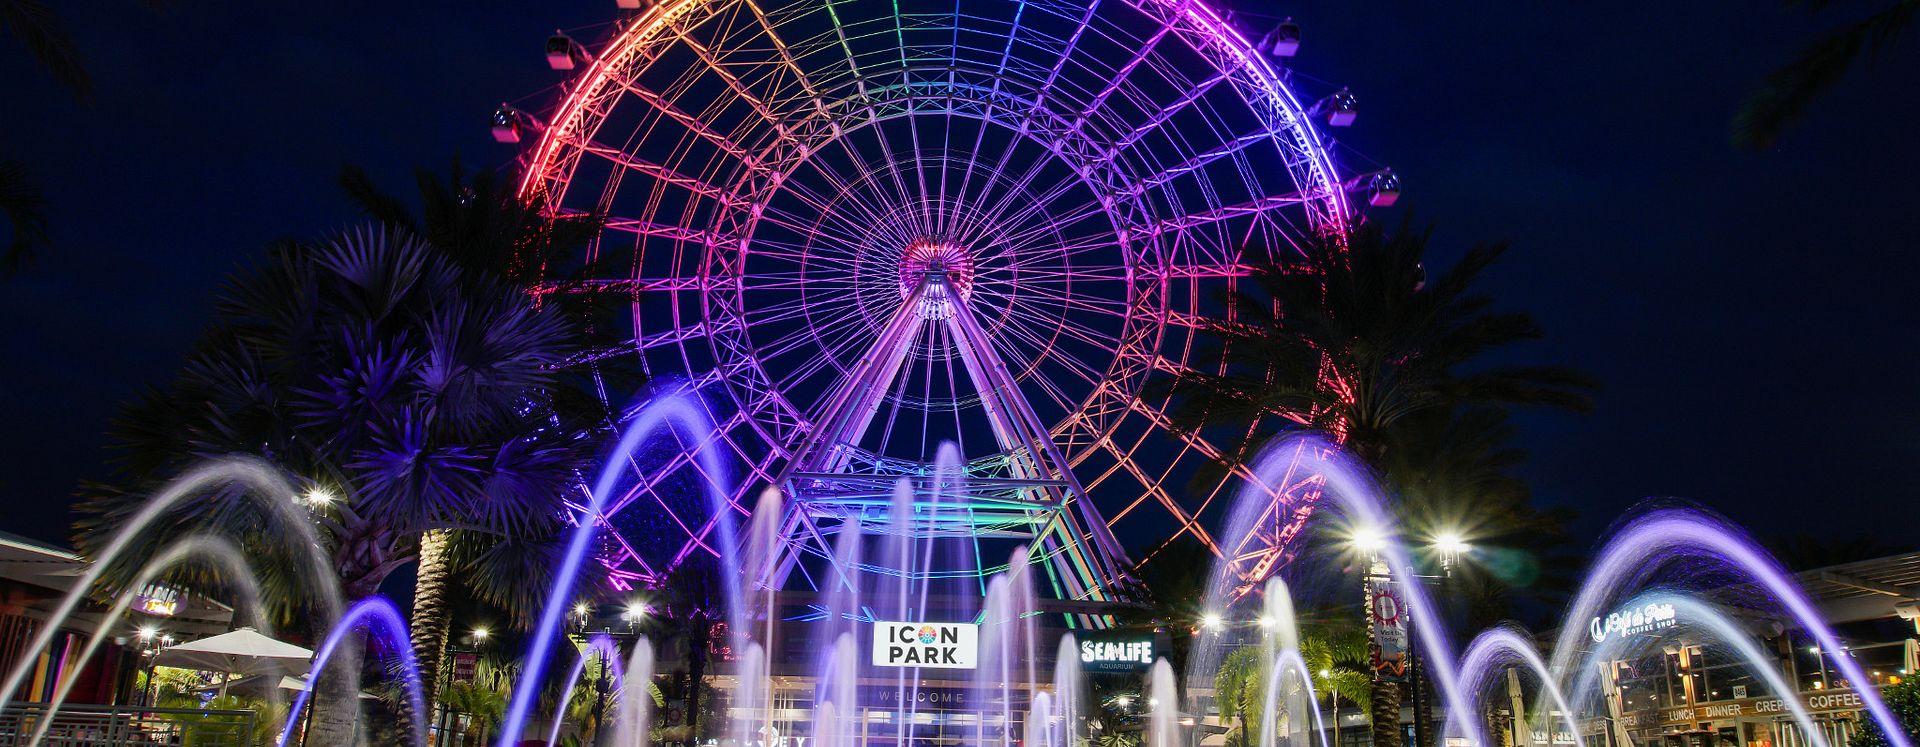 A colorida The Wheel at ICON Park ilumina o céu à noite, com fontes de água em primeiro plano.